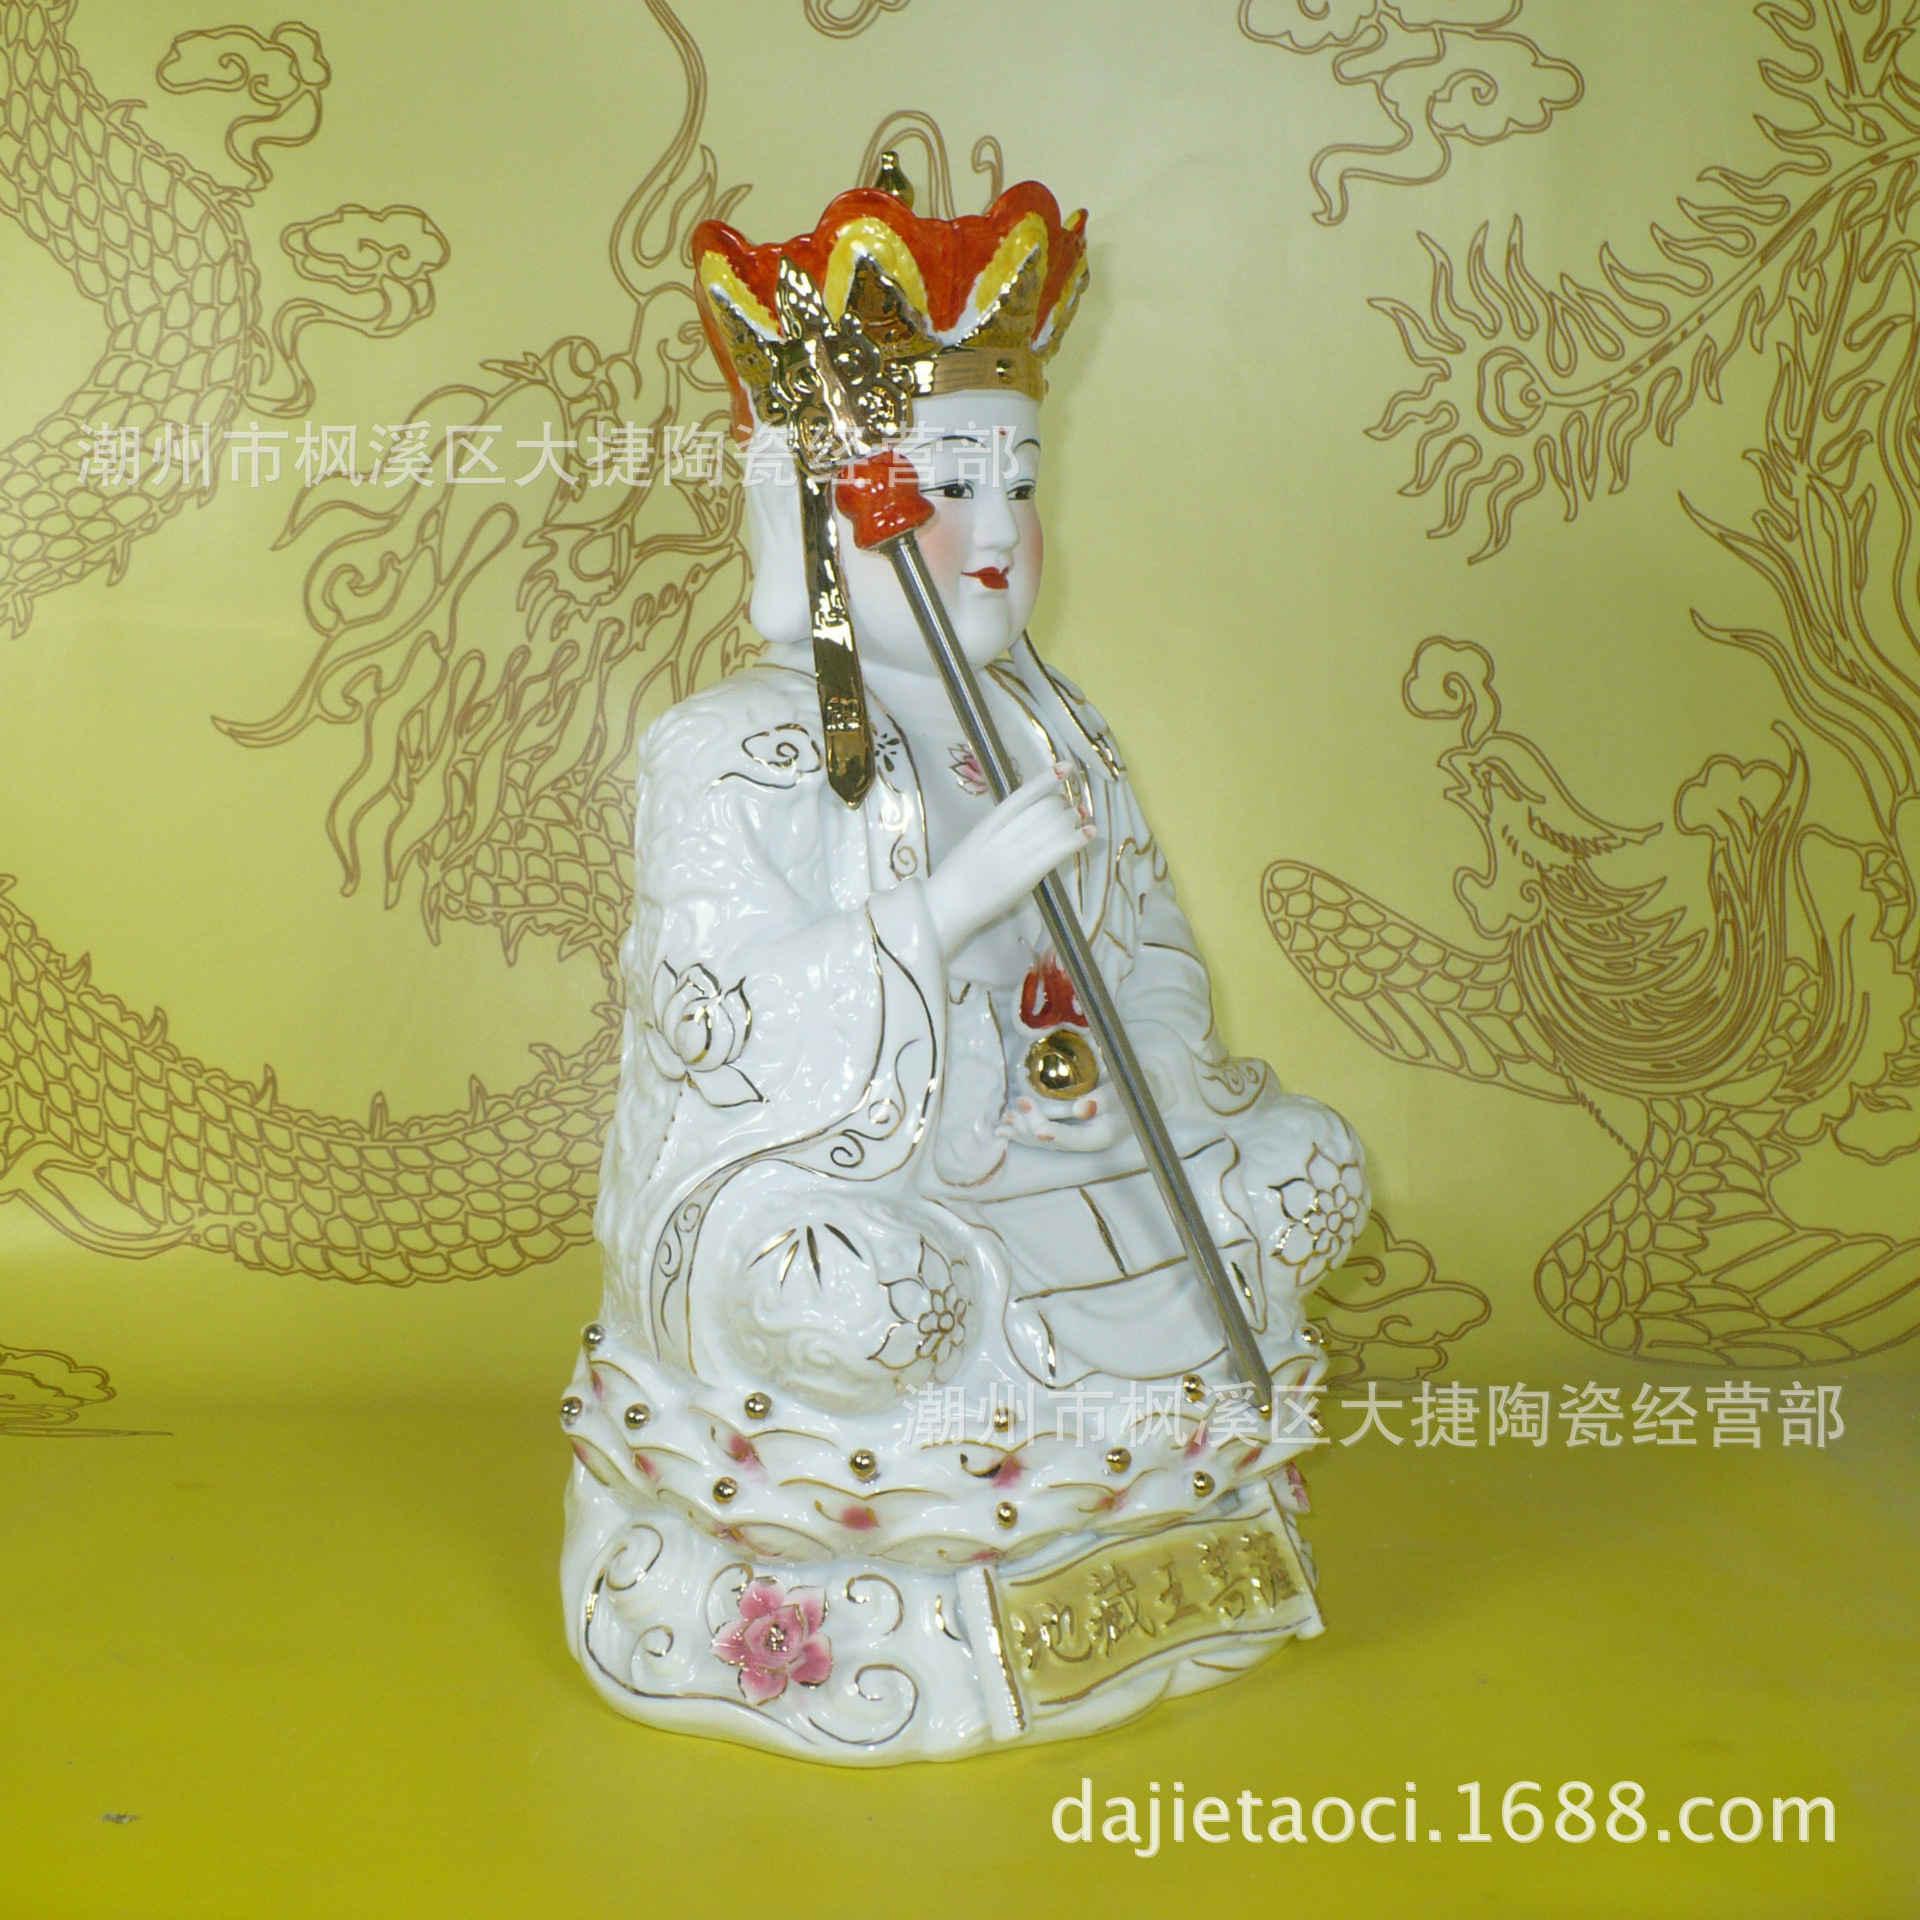 高白描金地藏王菩萨神像佛像摆件工艺品批发